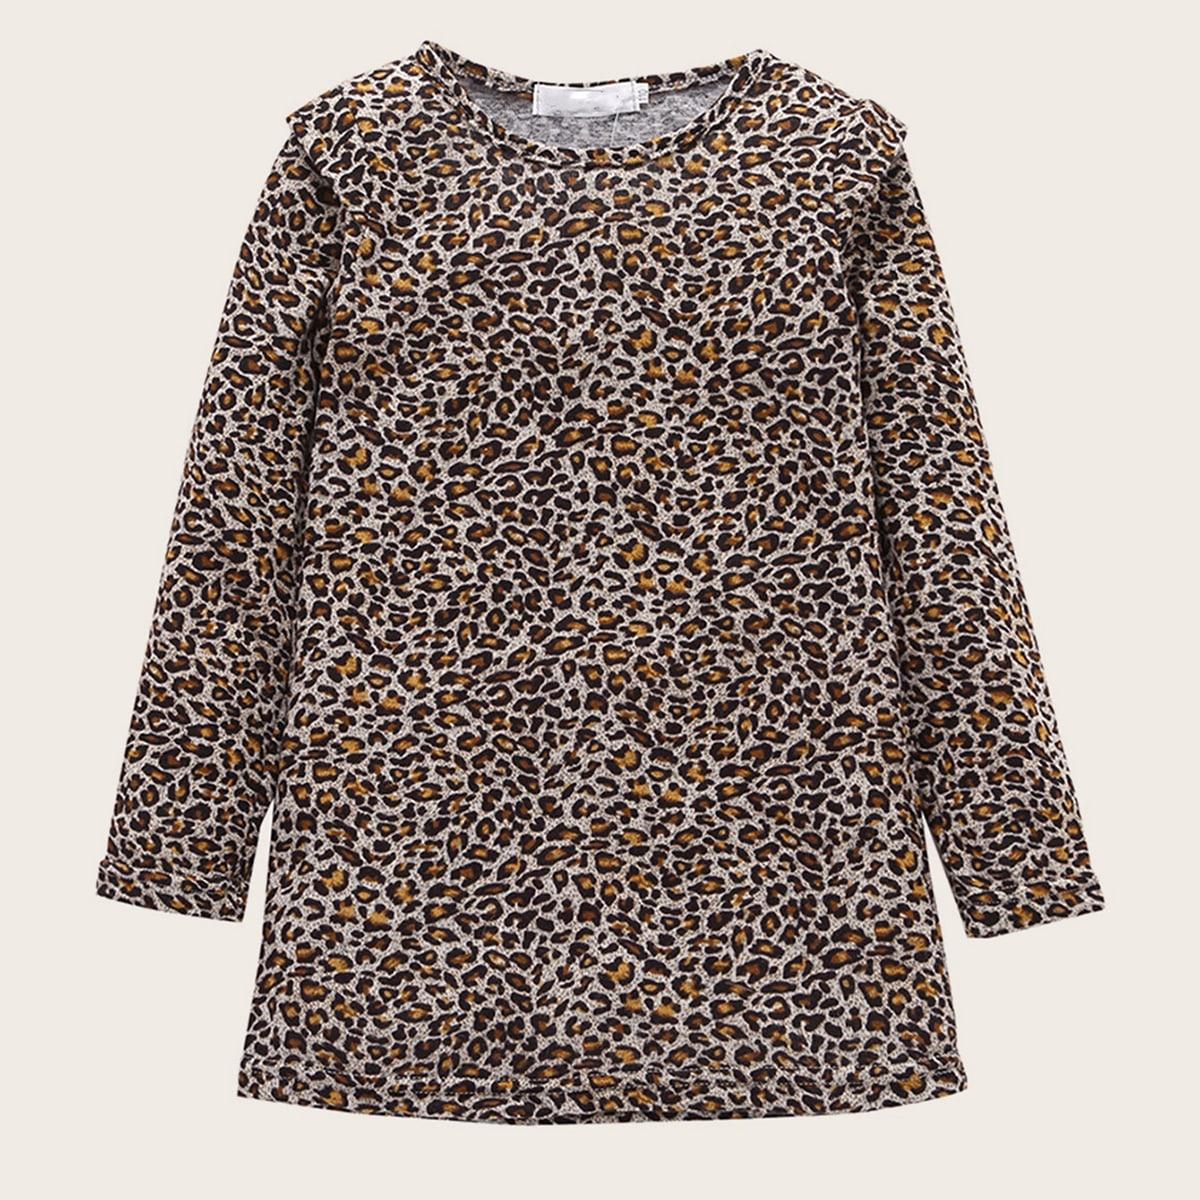 Леопардовое платье-футболка для девочек от SHEIN